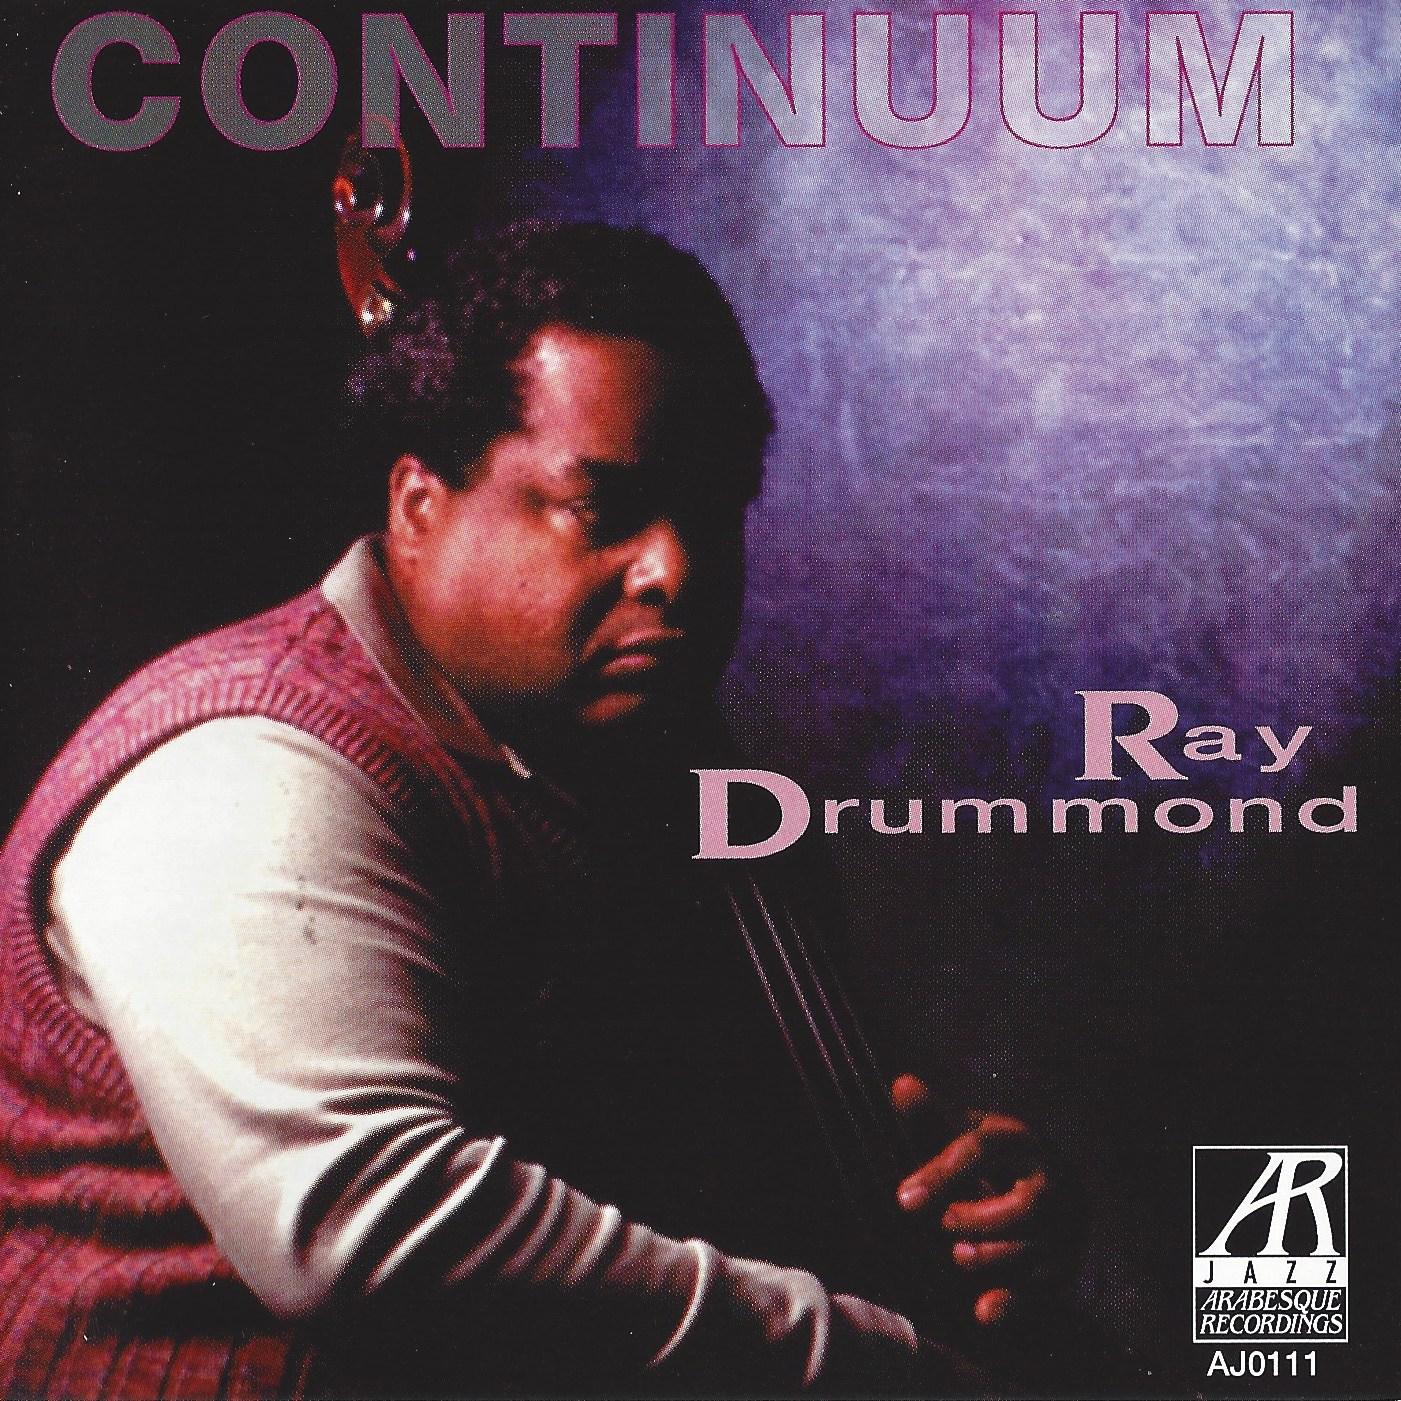 AJ0111    Continuum    Ray Drummond